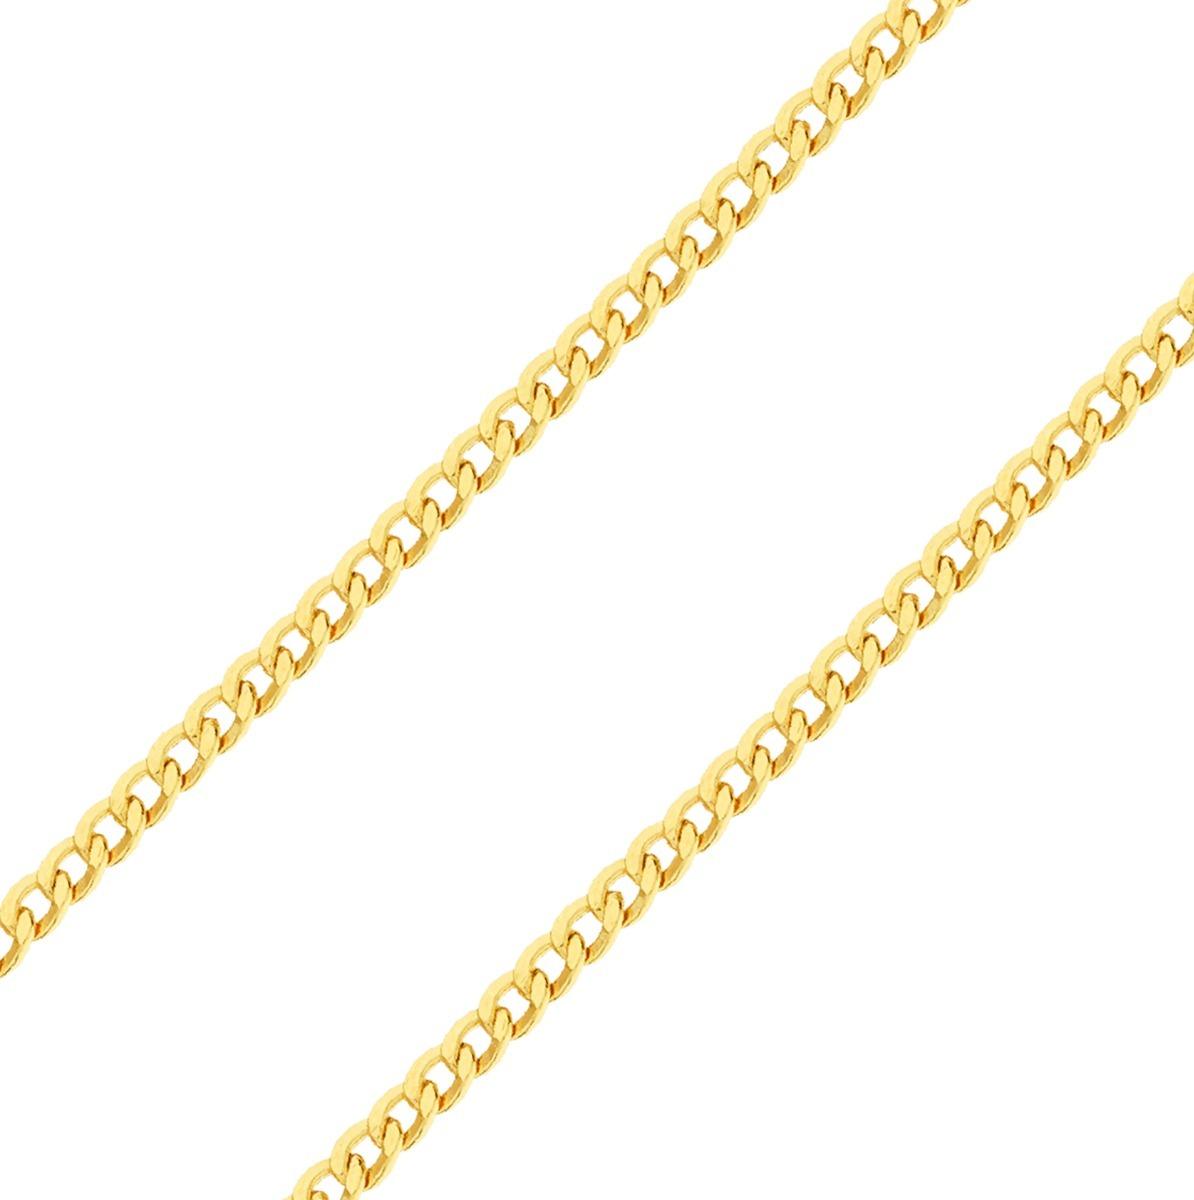 5fd43da24f6c0 corrente masculina cordão grumet 70 cm ouro 18k 750 colar. Carregando zoom.